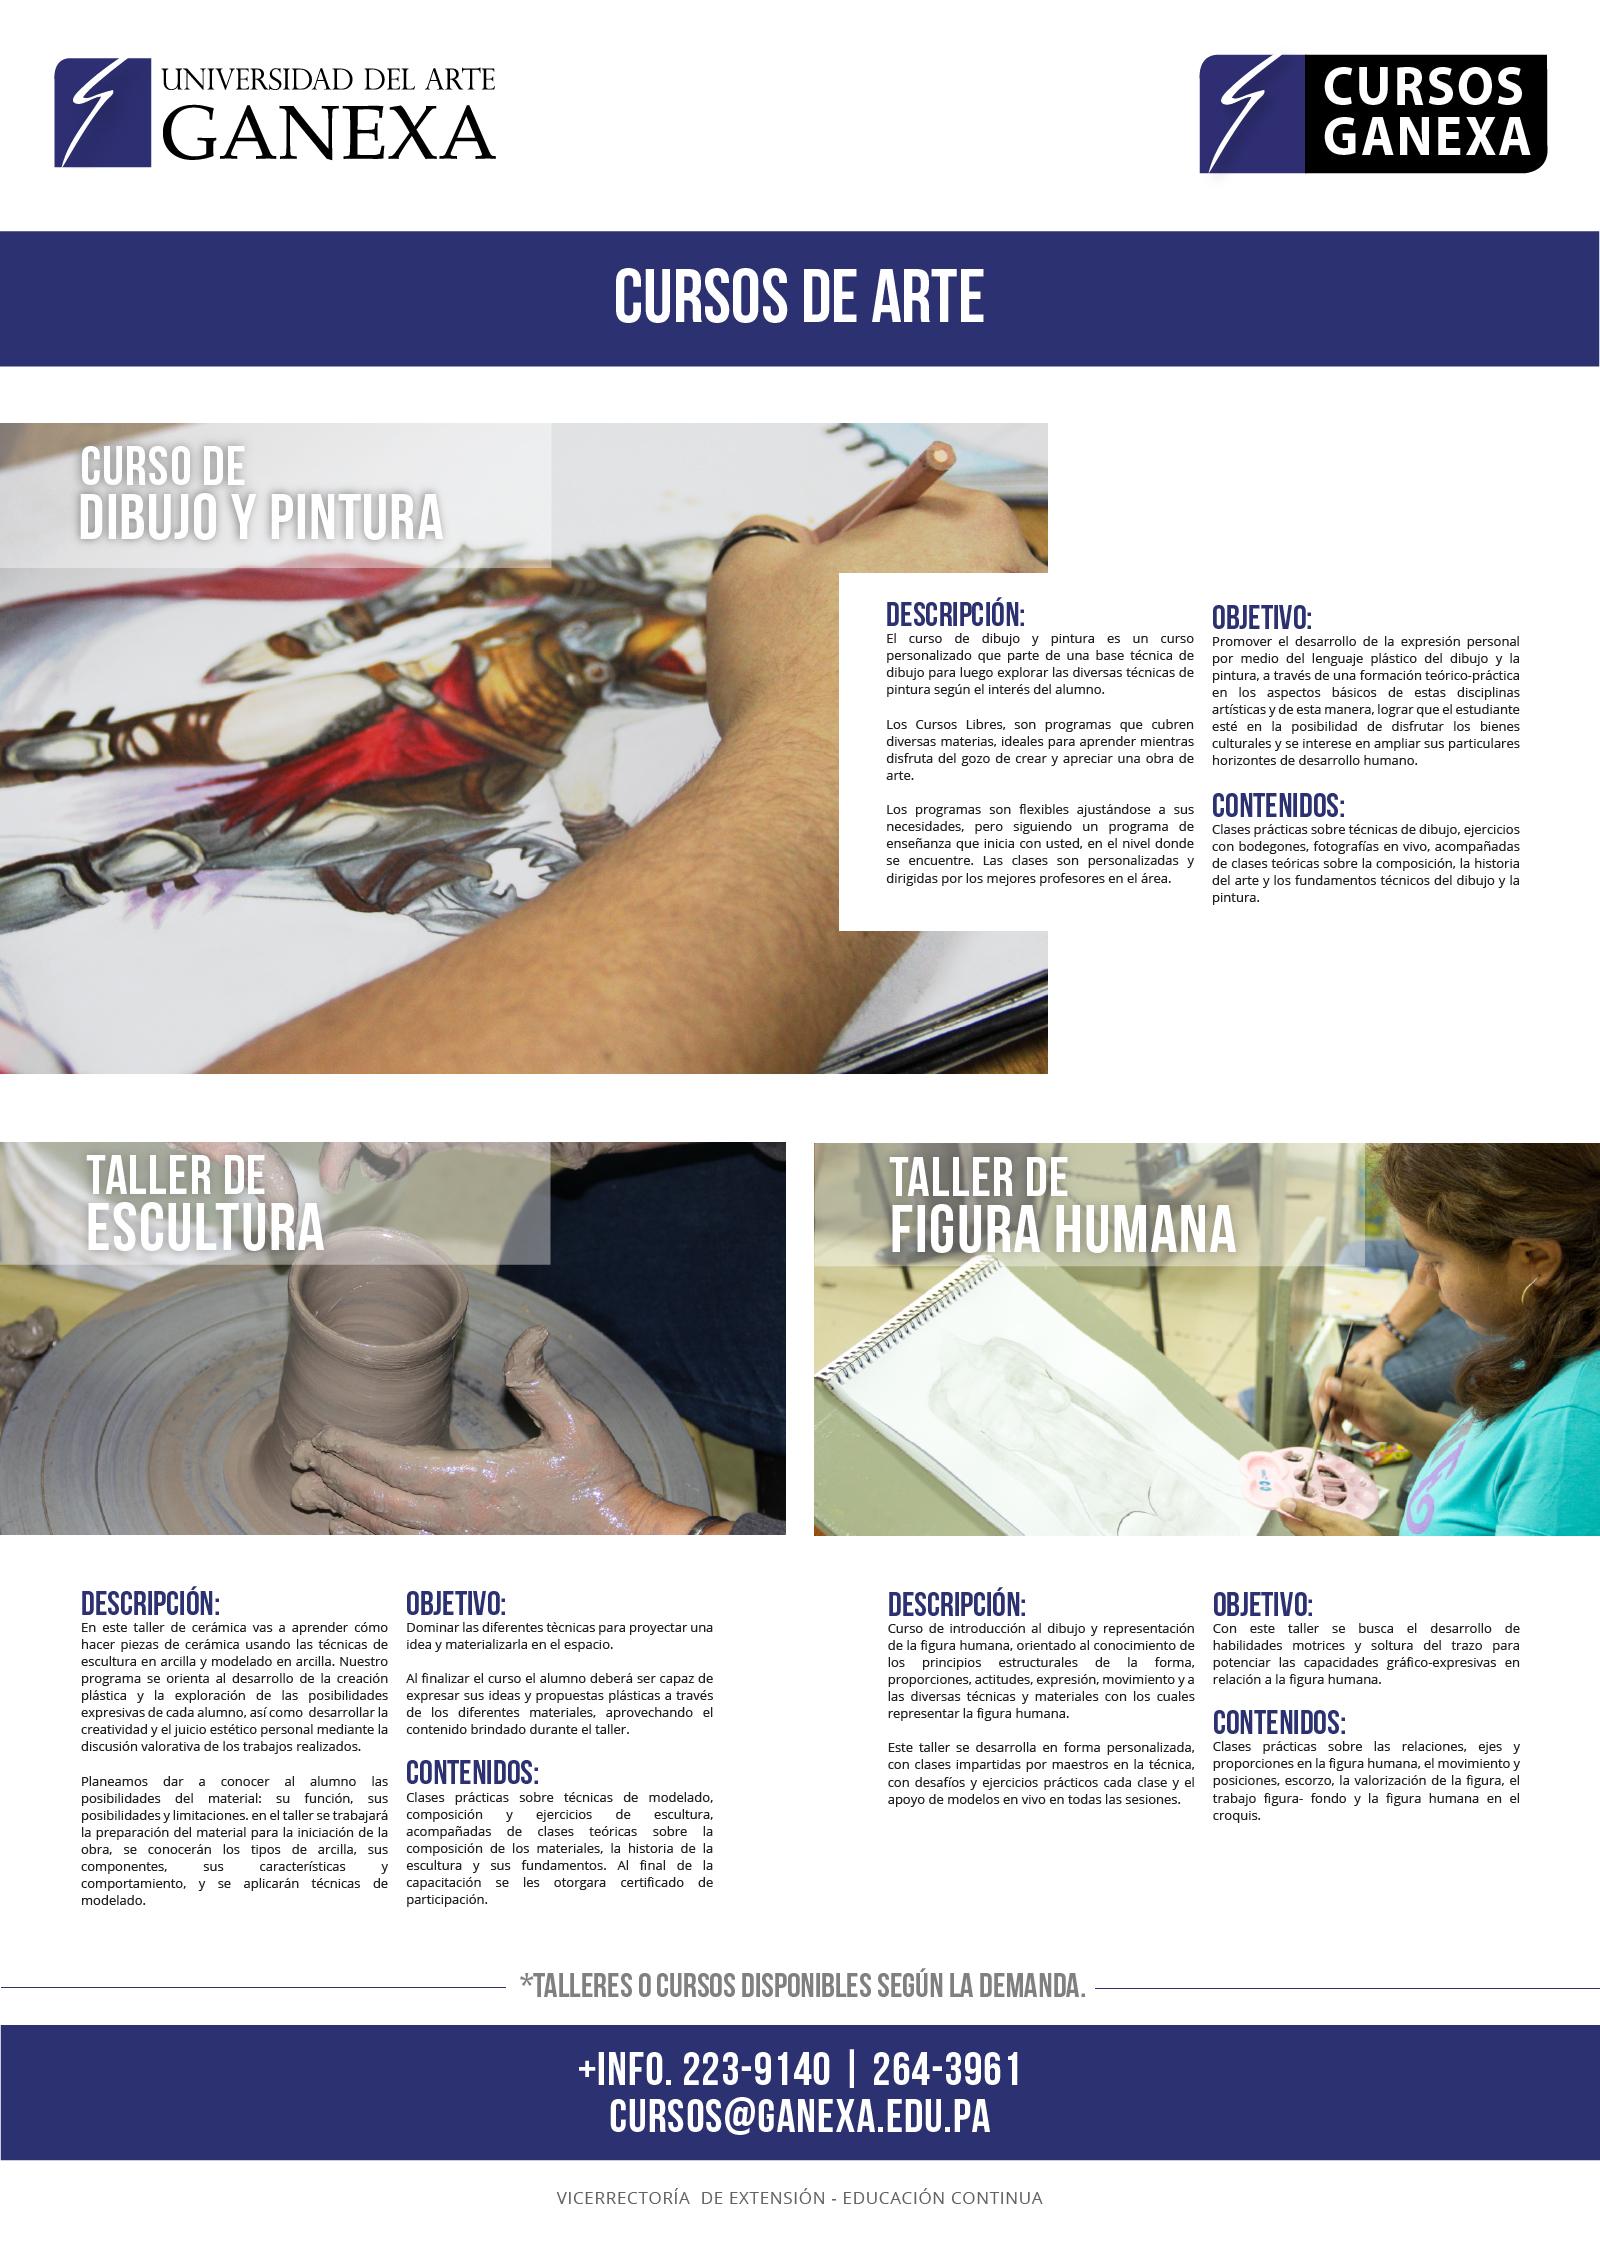 Cursos de arte universidad del arte ganexa for Universidad de arte